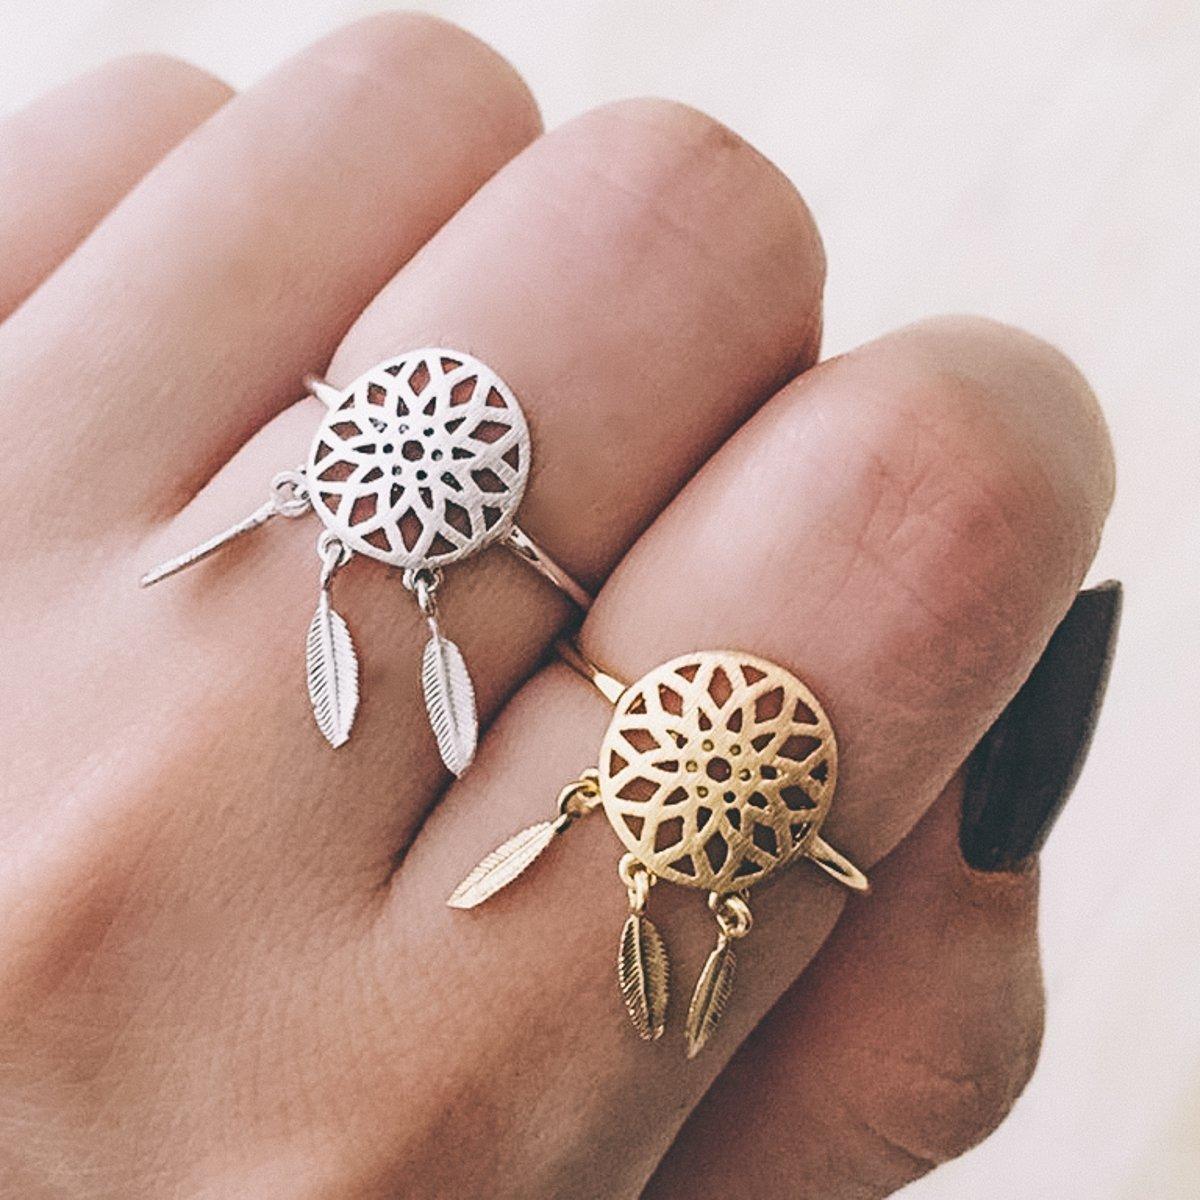 Anello Acchiappasogni - Regolabile - Color Oro, Argento - Idea regalo